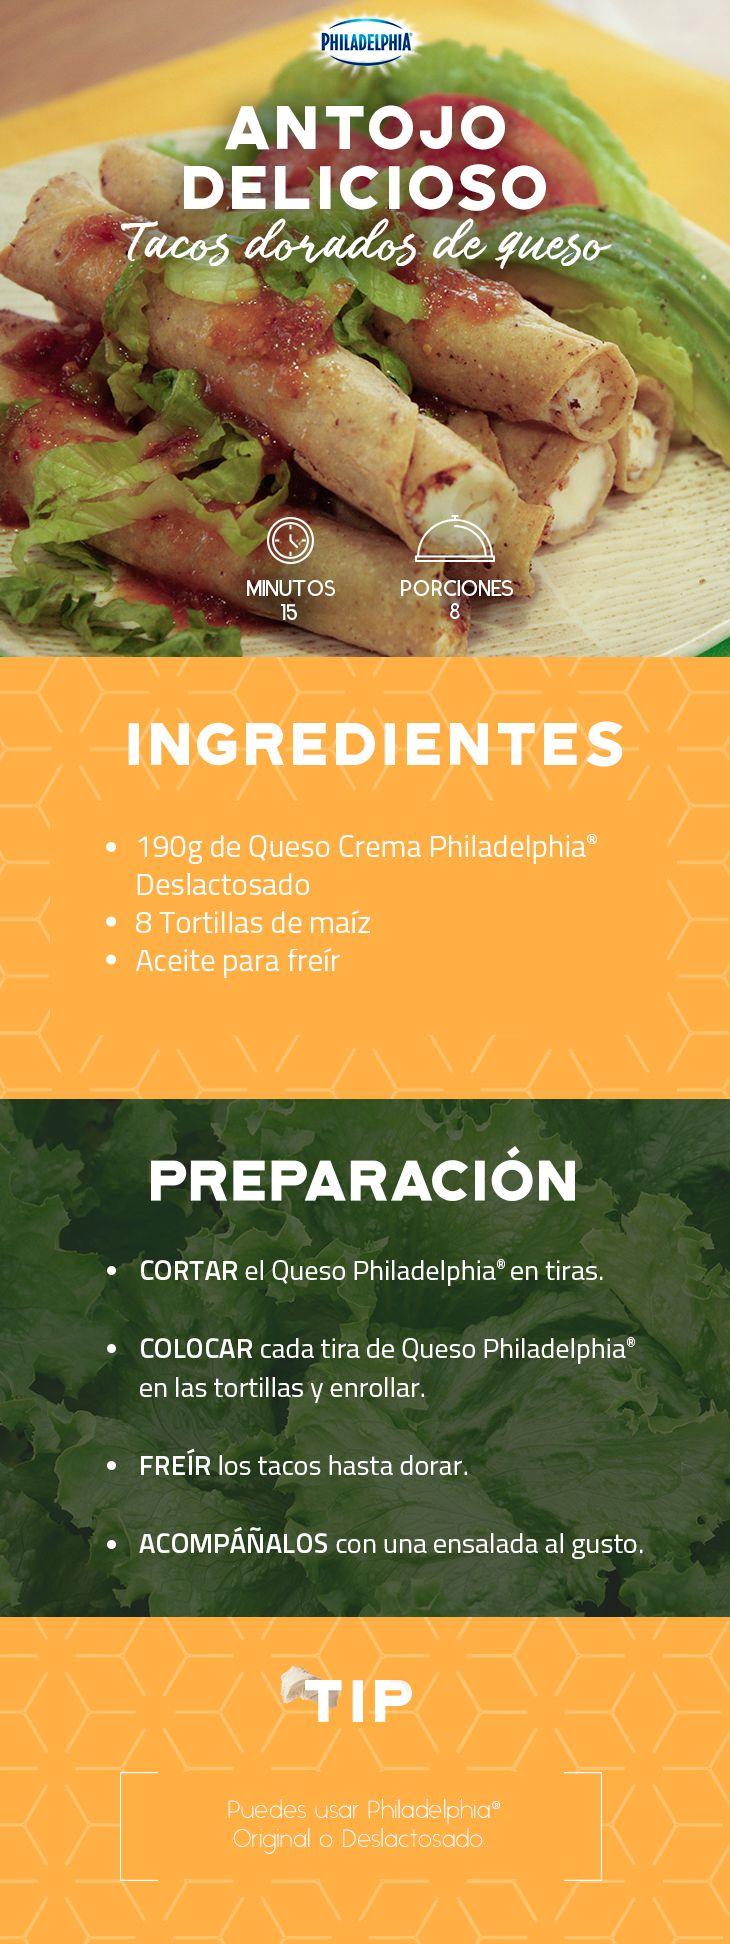 Lo mejor de este día será saborear unos Tacos dorados de queso con toda tu familia. #recetas #receta #quesophiladelphia #philadelphia #crema #quesocrema #queso #comida #cocinar #cocinamexicana #recetasfáciles #recetasPhiladelphia #recetasdecocina #comer #tacos #tacosdorados #comida #comidaenfamilia #antojo #antojitos #comidamexicana